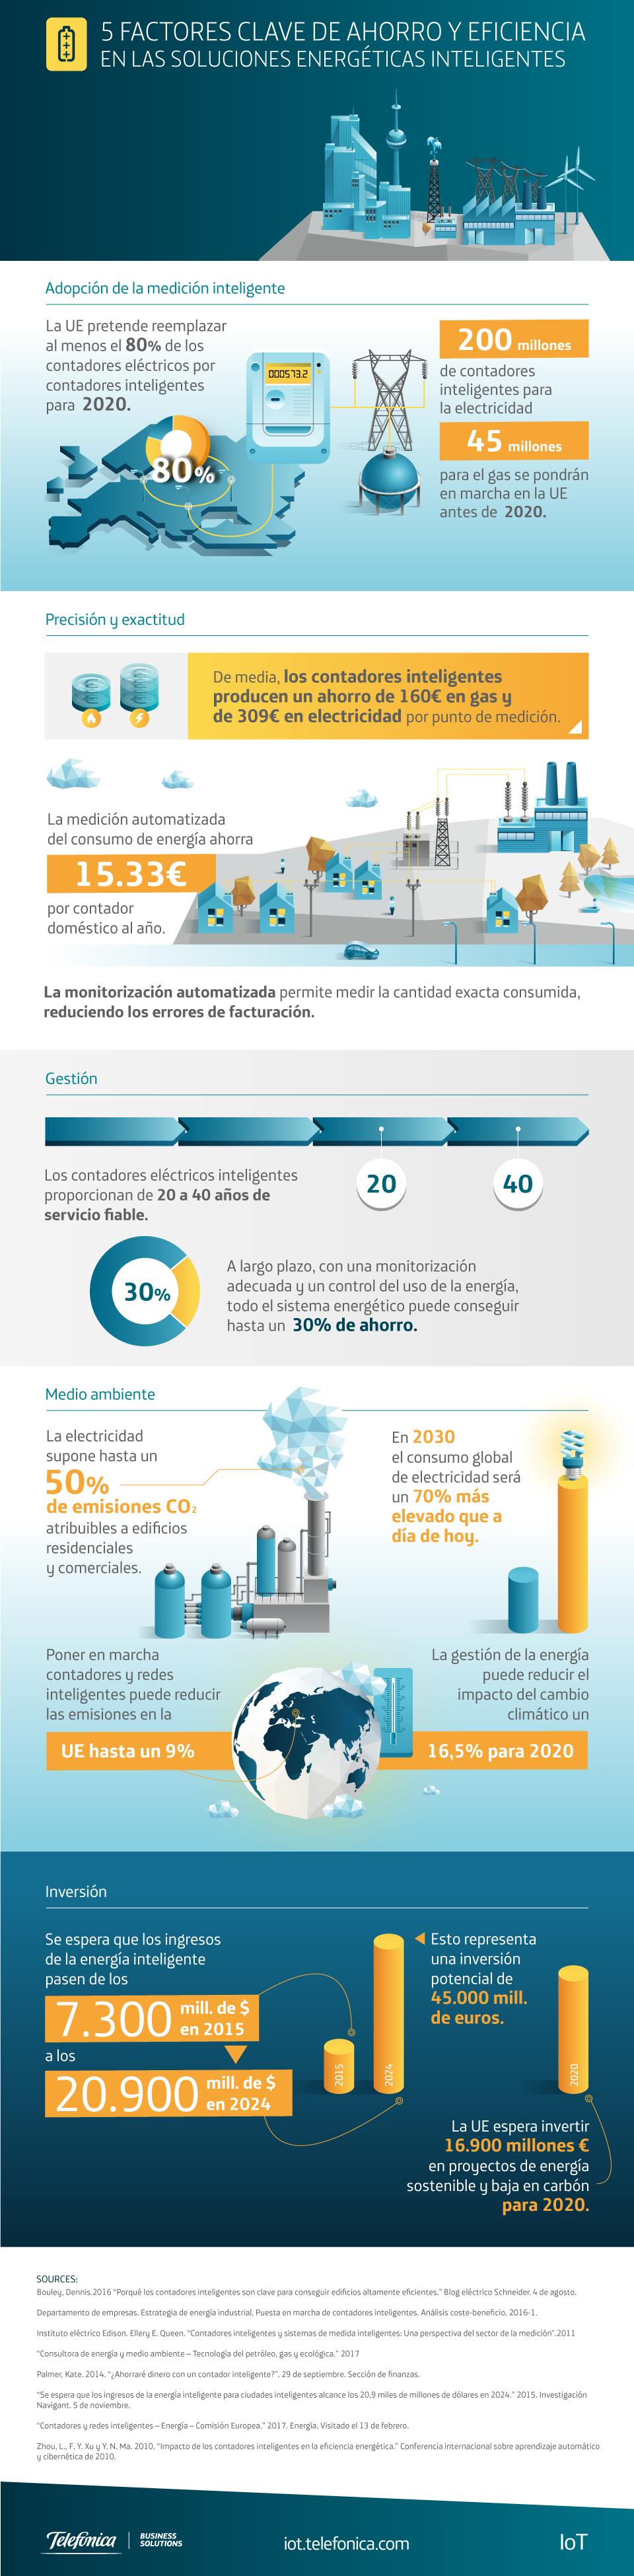 5 factores clave de ahorro y eficiencia en las soluciones energéticas inteligentes #infografia #iot